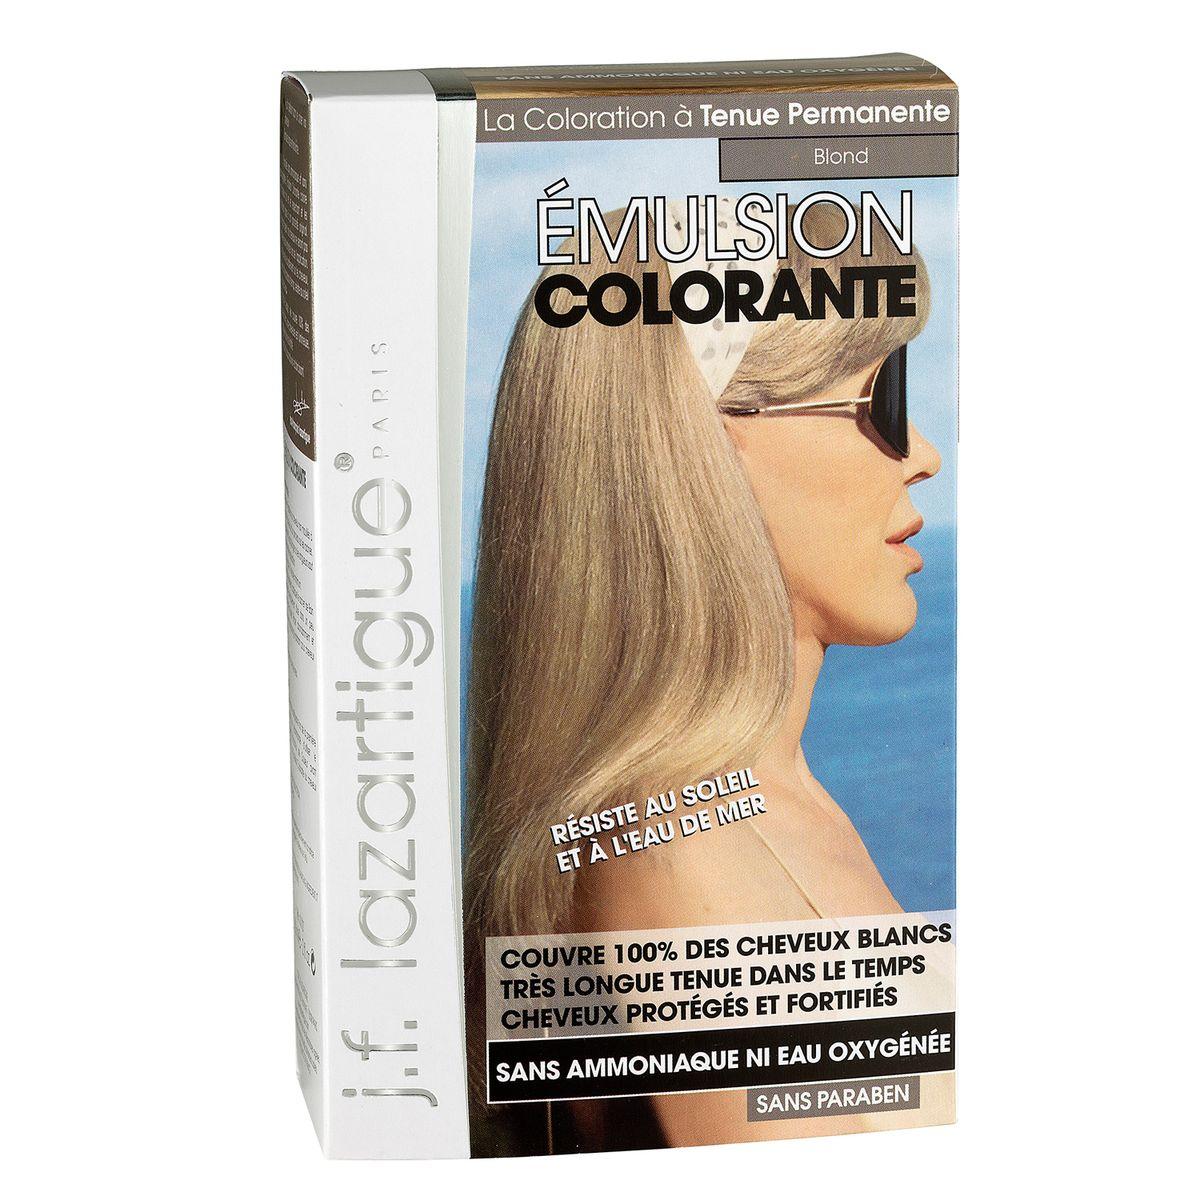 J.F.Lazartigue Оттеночная эмульсия для волос Блондин 60 млSatin Hair 7 BR730MNБлагодаря оригинальной формуле полностью (на 100%) скрывает седину, длительное время сохраняет цвет, поддерживает здоровье и жизненную силу волос и сохраняет эти качества, несмотря на воздействие солнечных лучей, морской воды и прочих неблагоприятных экологических факторов. Не осветляет, не повреждает, а укрепляет волосы. Не содержит аммиака, перекиси водорода и парабенов. Не предназначена для окрашивания бровей и ресниц.